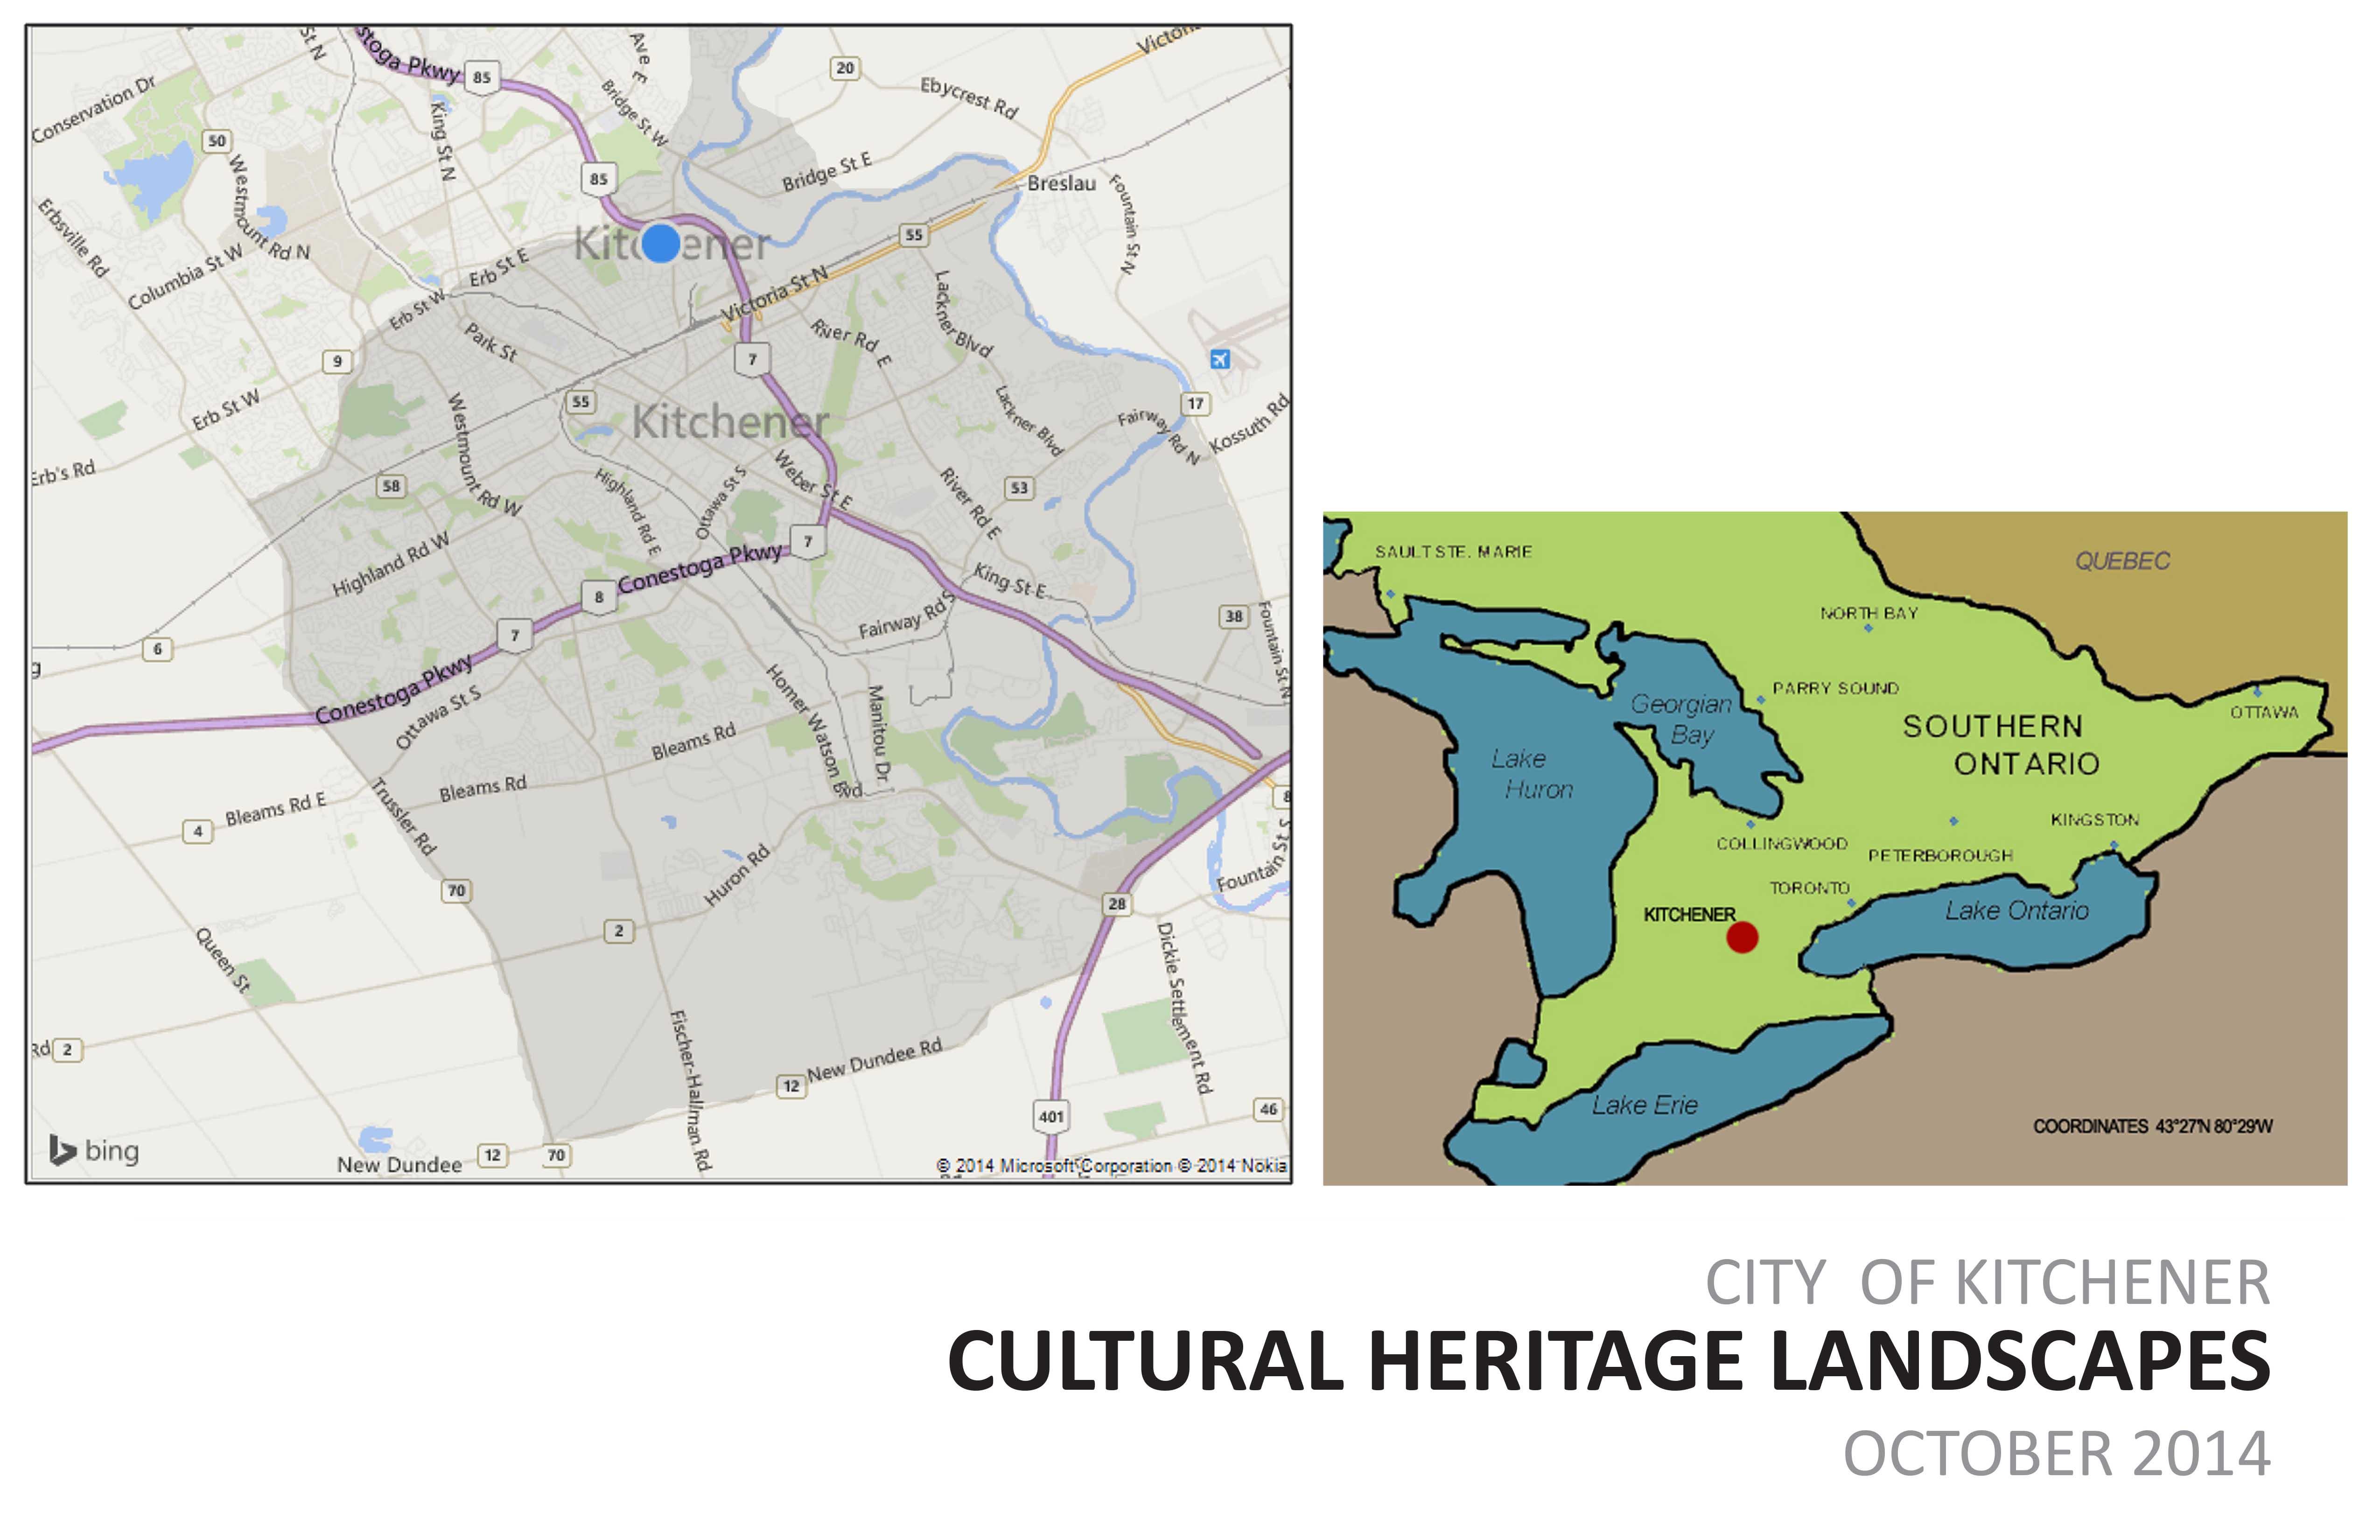 City of Kitchener: Cultural Heritage Landscapes | CSLA